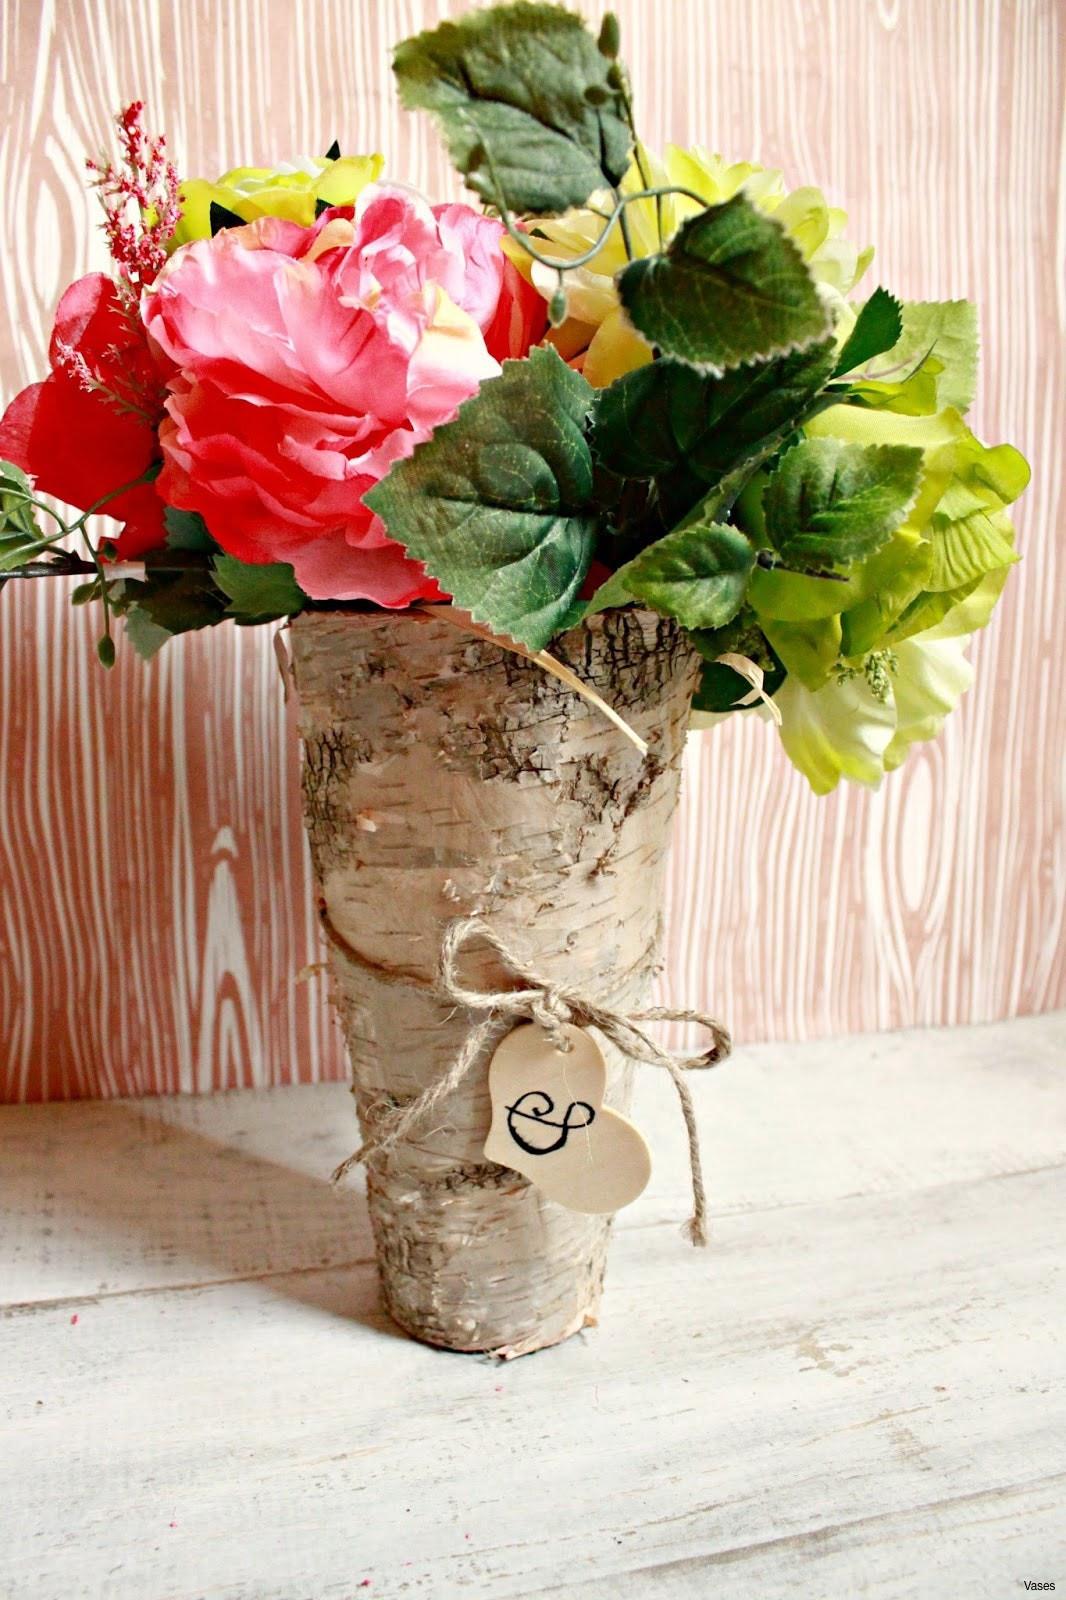 wall pocket vase of wood vase diy elegant h vases diy wood vase i 0d base turntable within wood vase diy elegant h vases diy wood vase i 0d base turntable baseboard design ideas